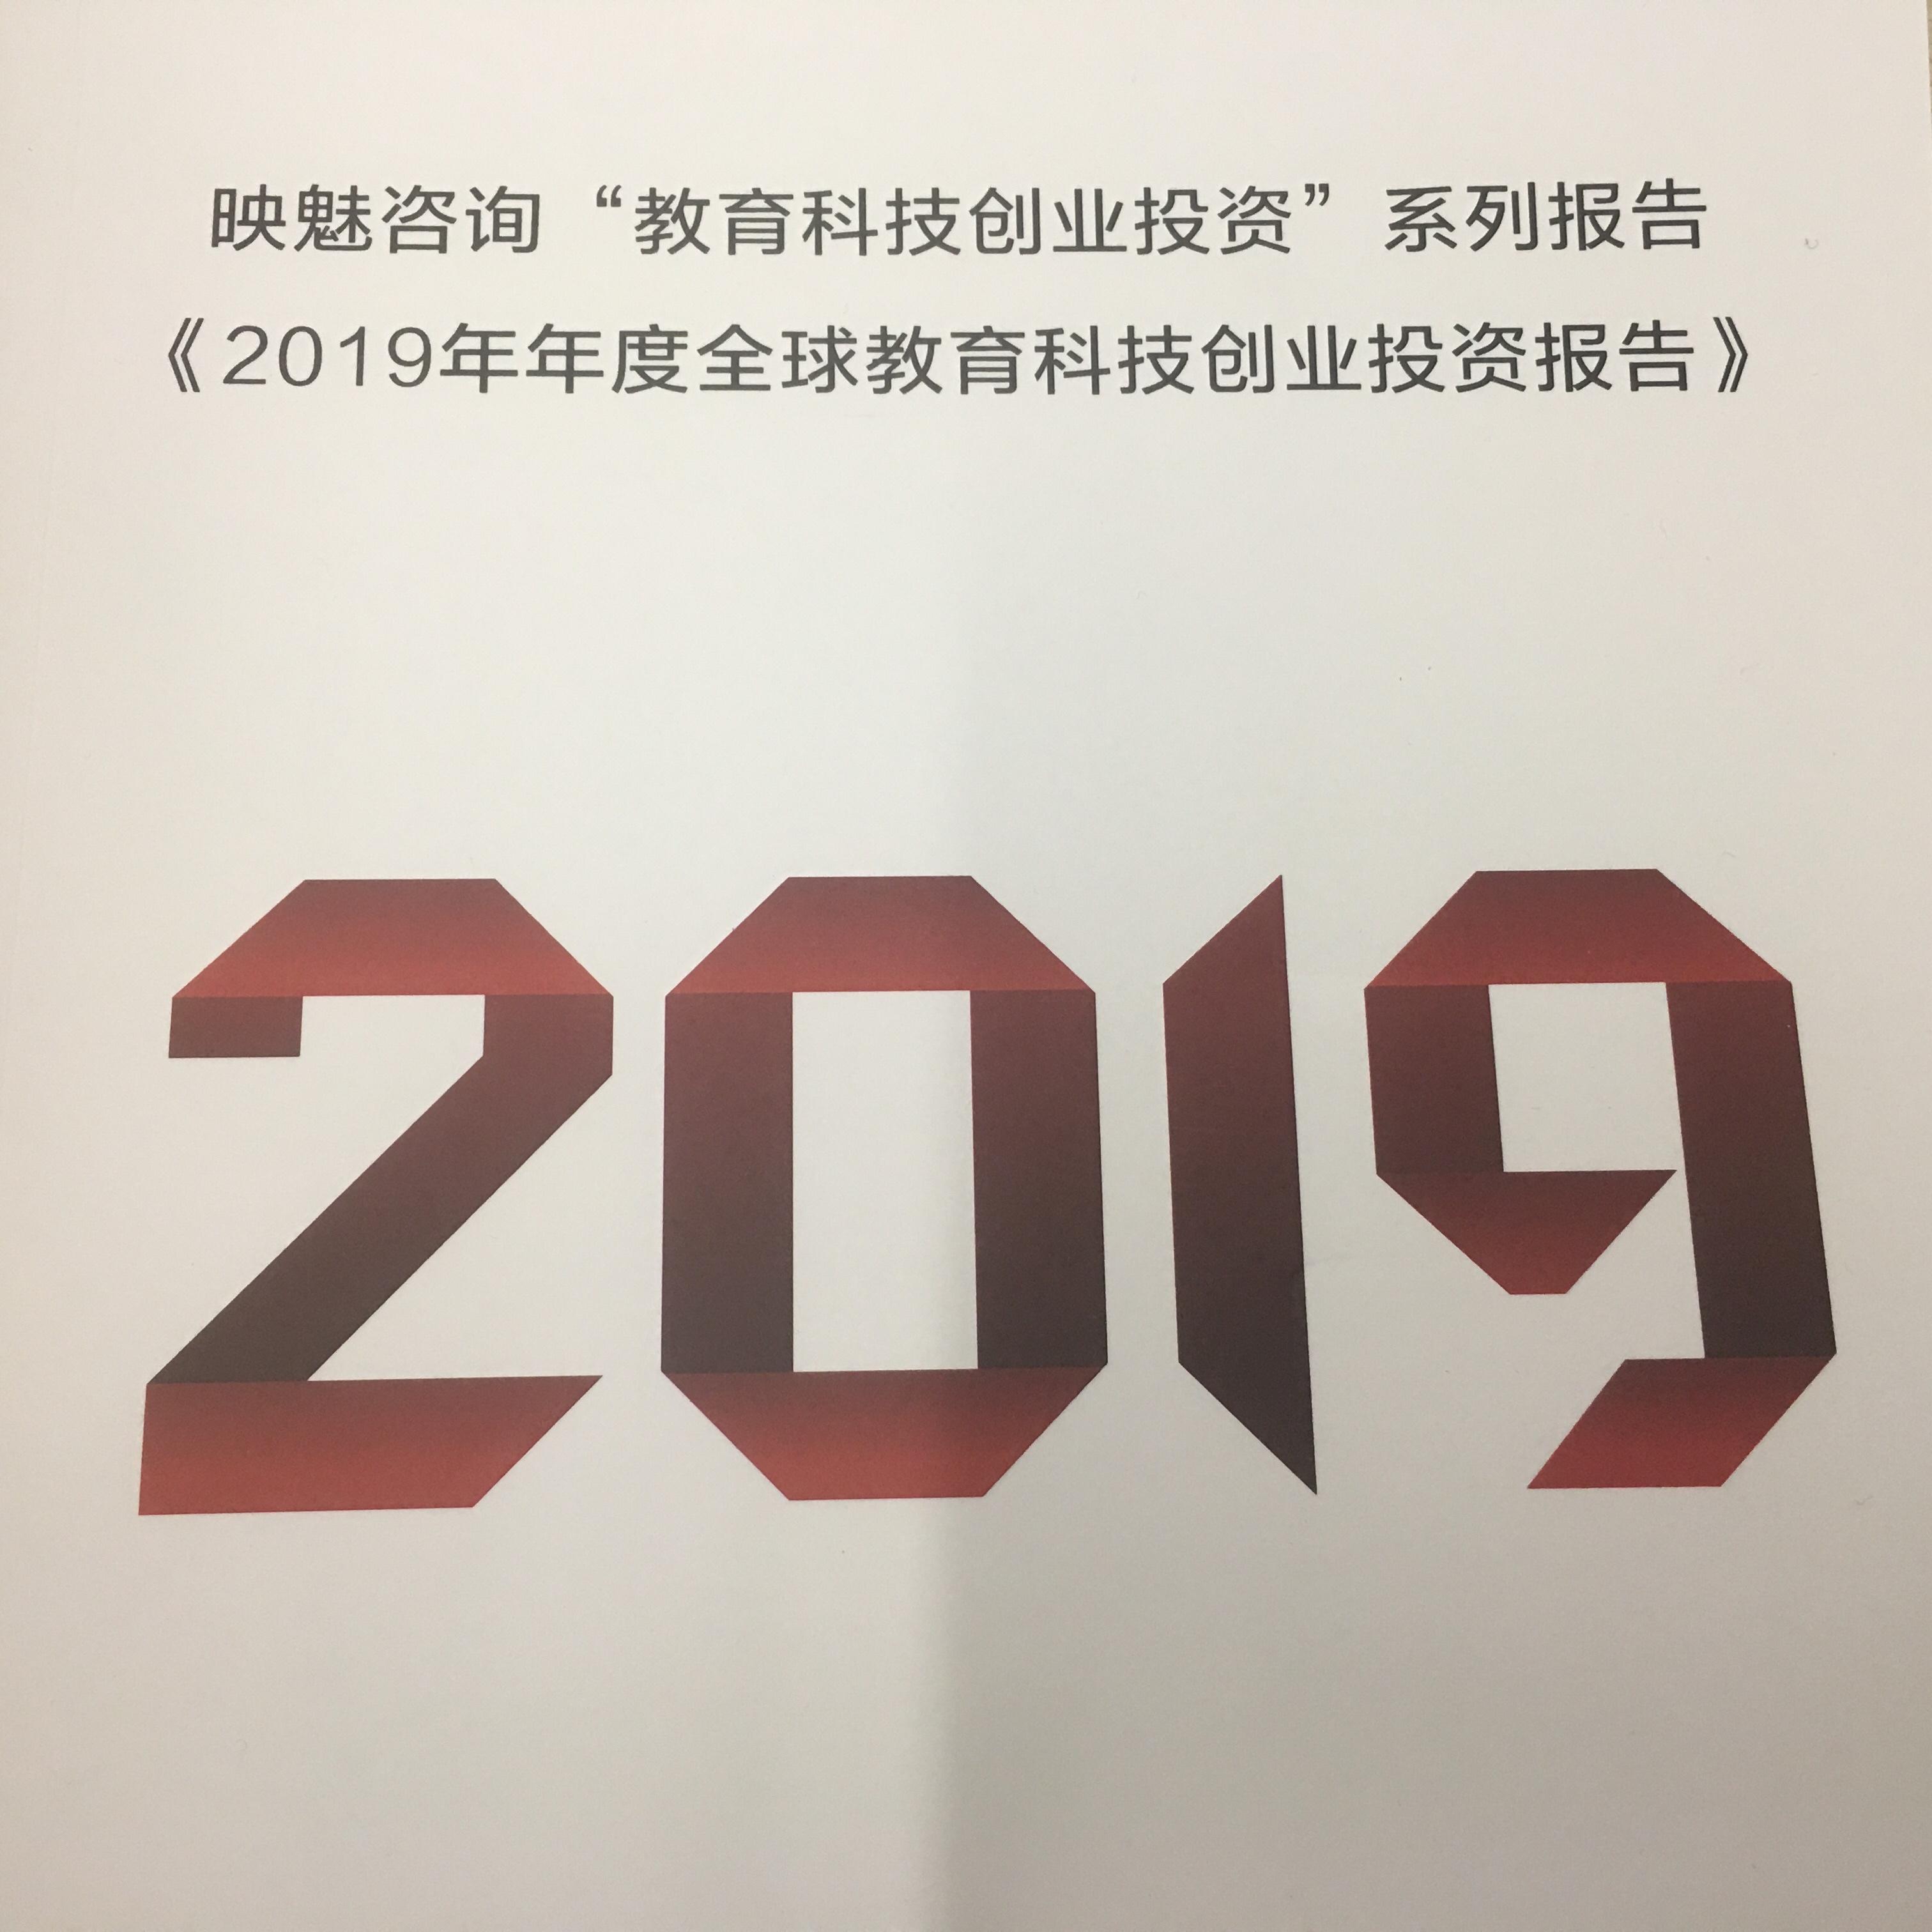 在充满快速变化、不确定性的时代继续前行,映魅咨询发布《2019年年度全球教育科技创业投资报告》